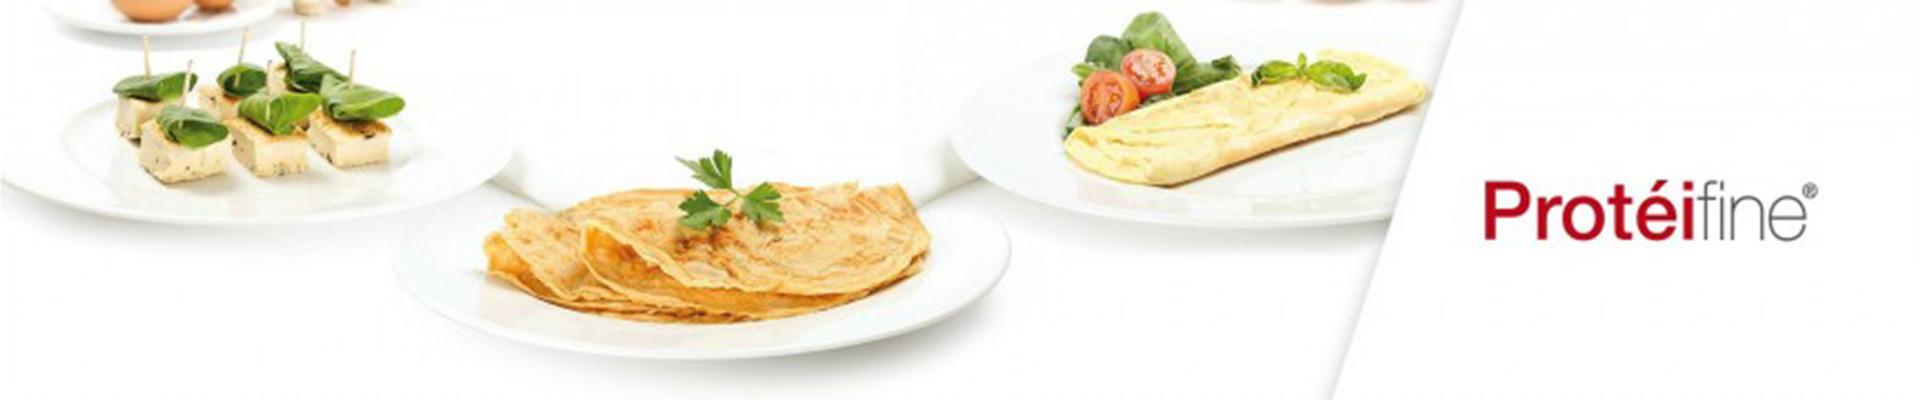 Tortillas y Creps Protéifine